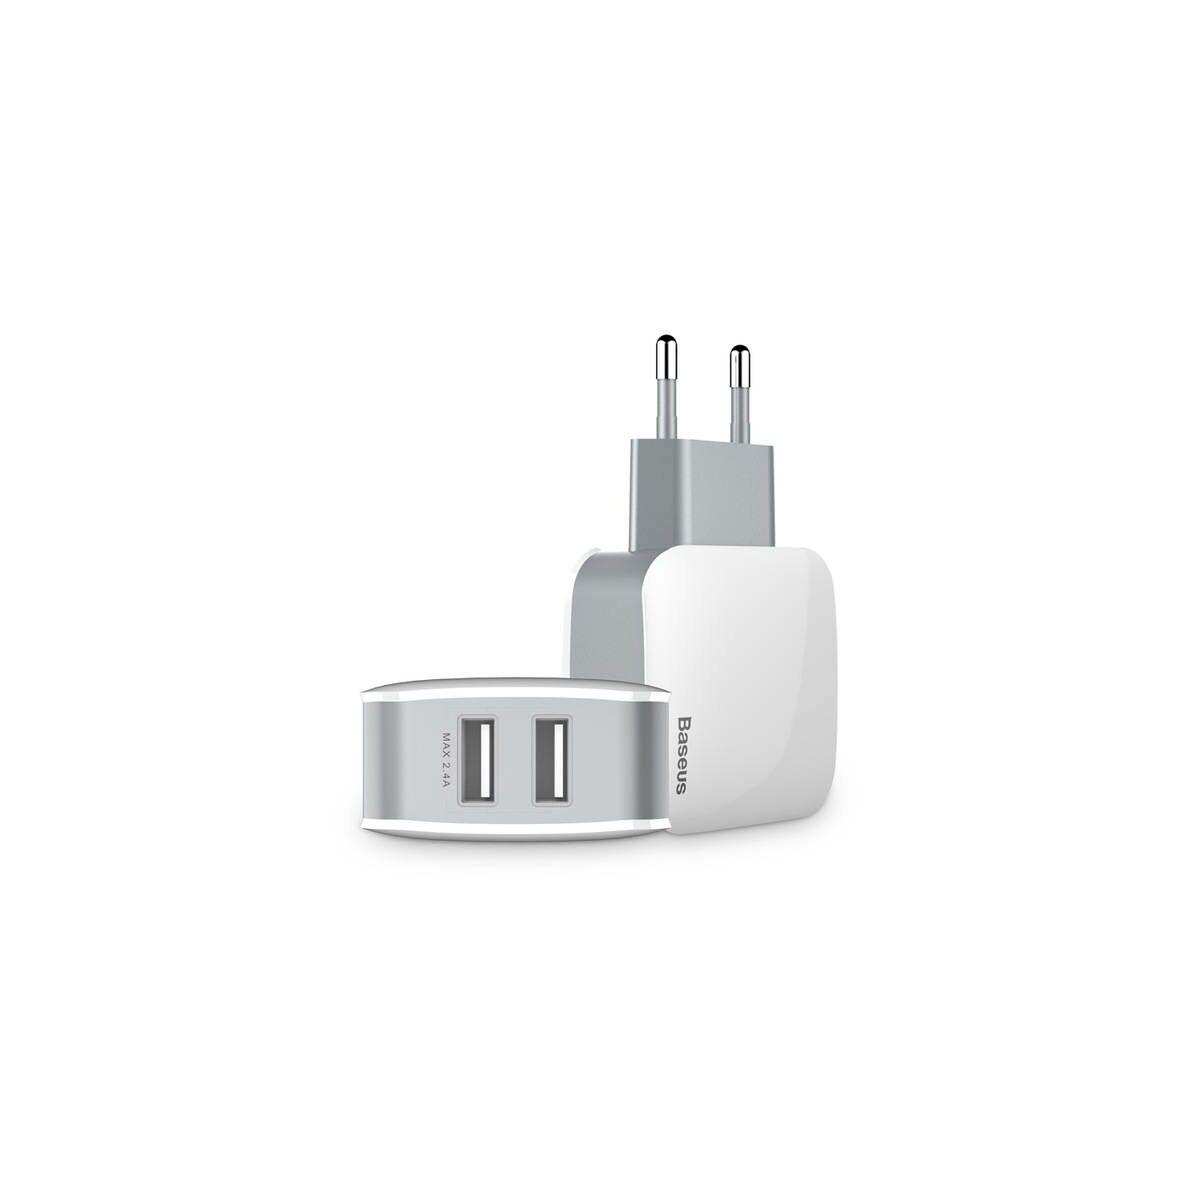 Baseus hálózati töltő, Letour Dupla USB Charger, 2.4A, fehér/szürke (ZCL2B-B02)